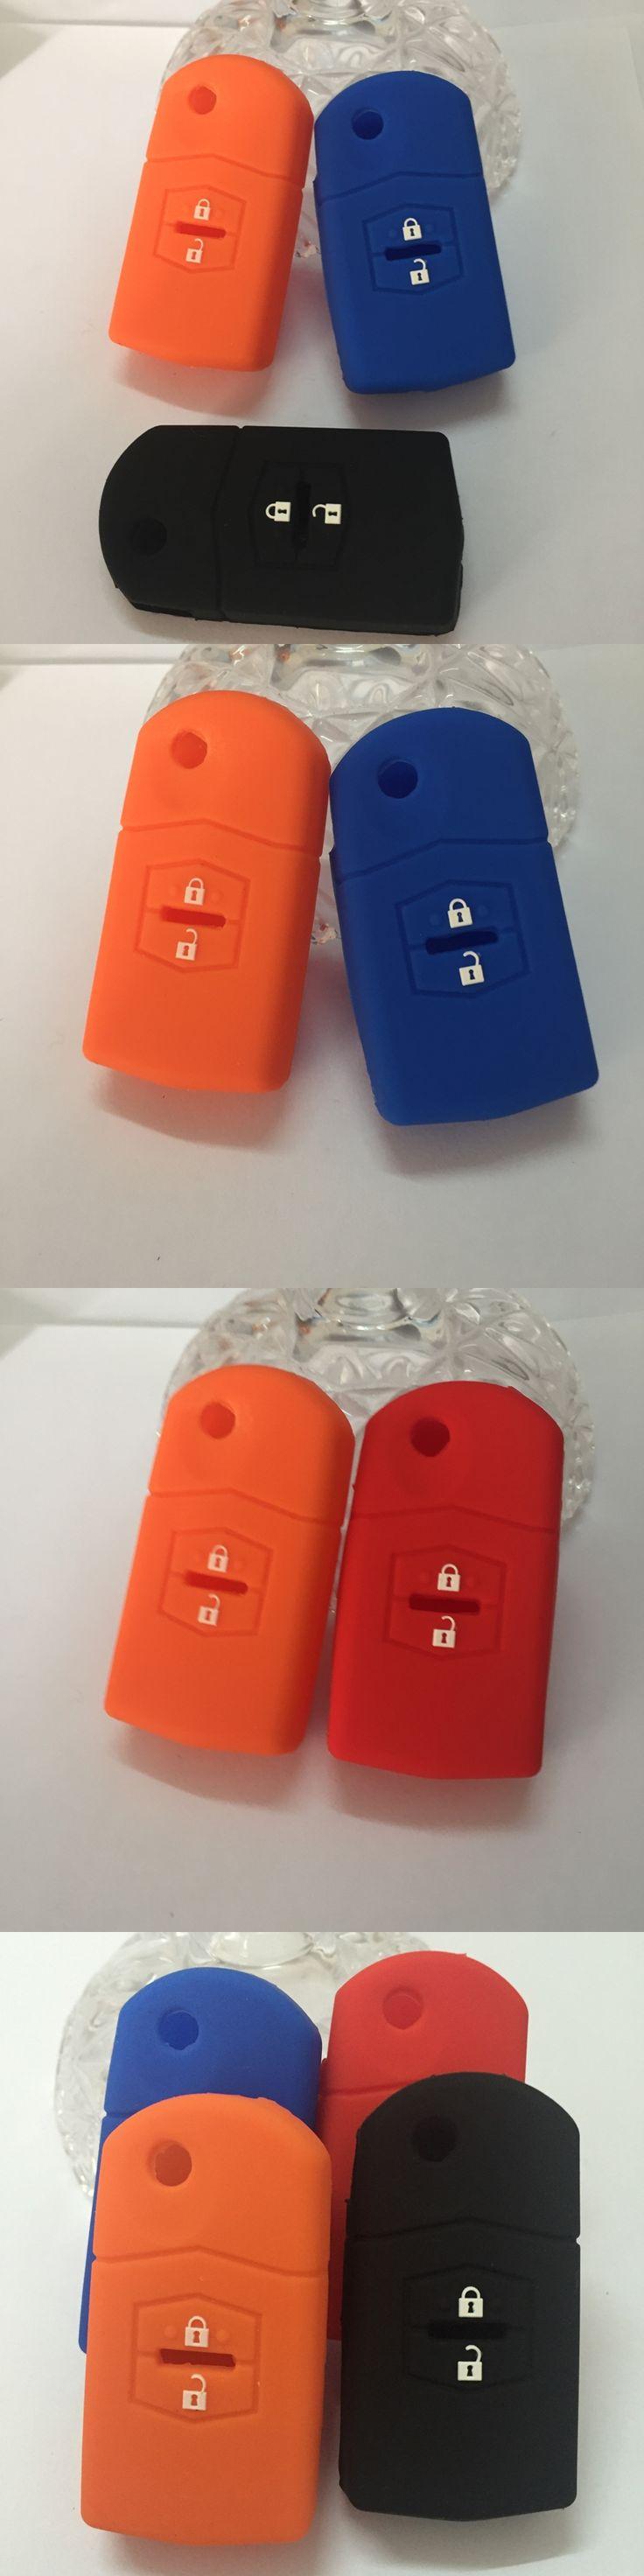 Silicone Key Cases Cover Fit For Mazda 3 Mazda 2 Mazda 6 2003 2004 2005 2006 2007 2008 2009 2010 2011 2012 2013 car key cover